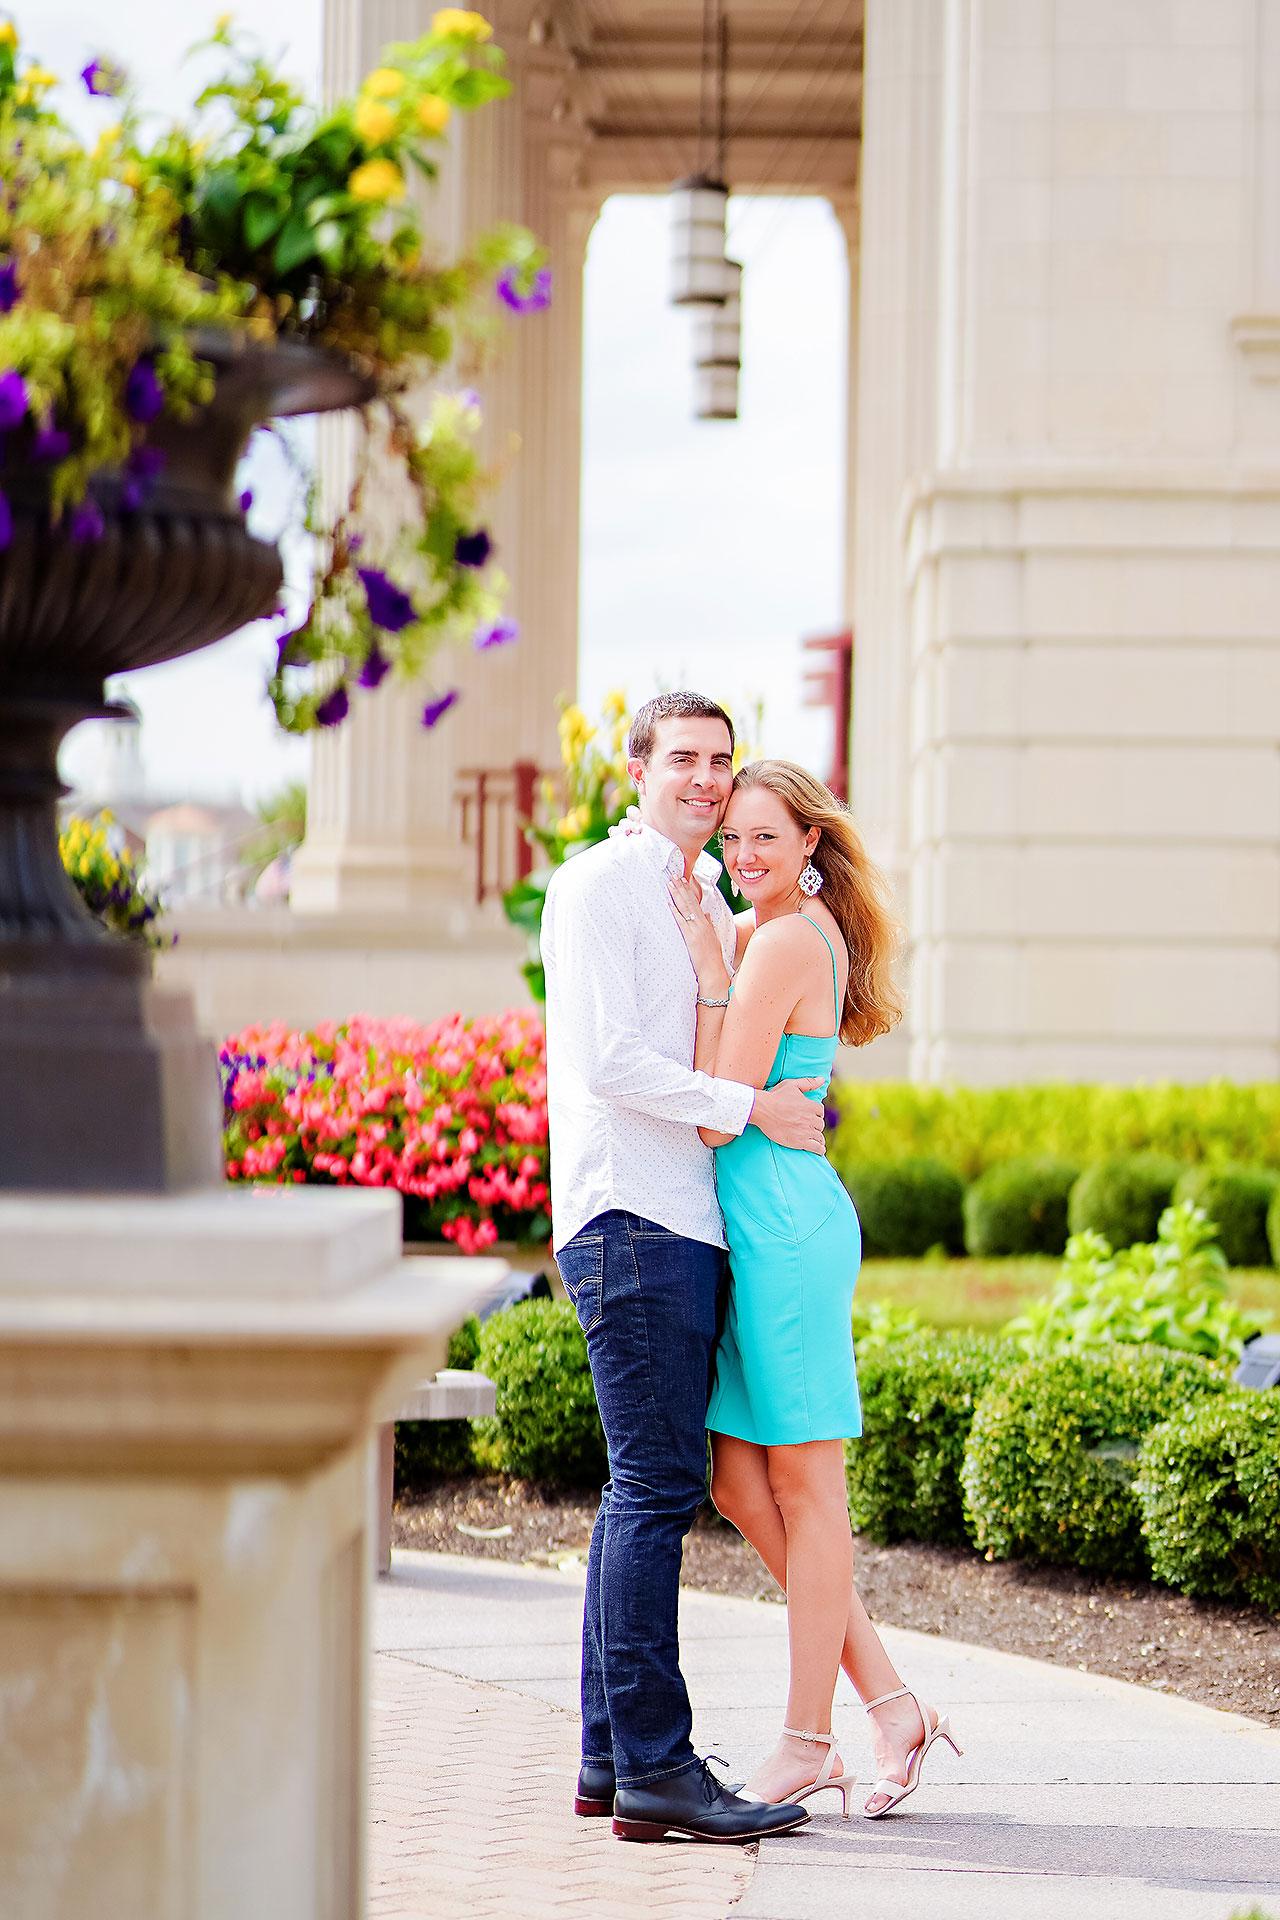 Liz Zach Midtown Carmel Engagement Session 101